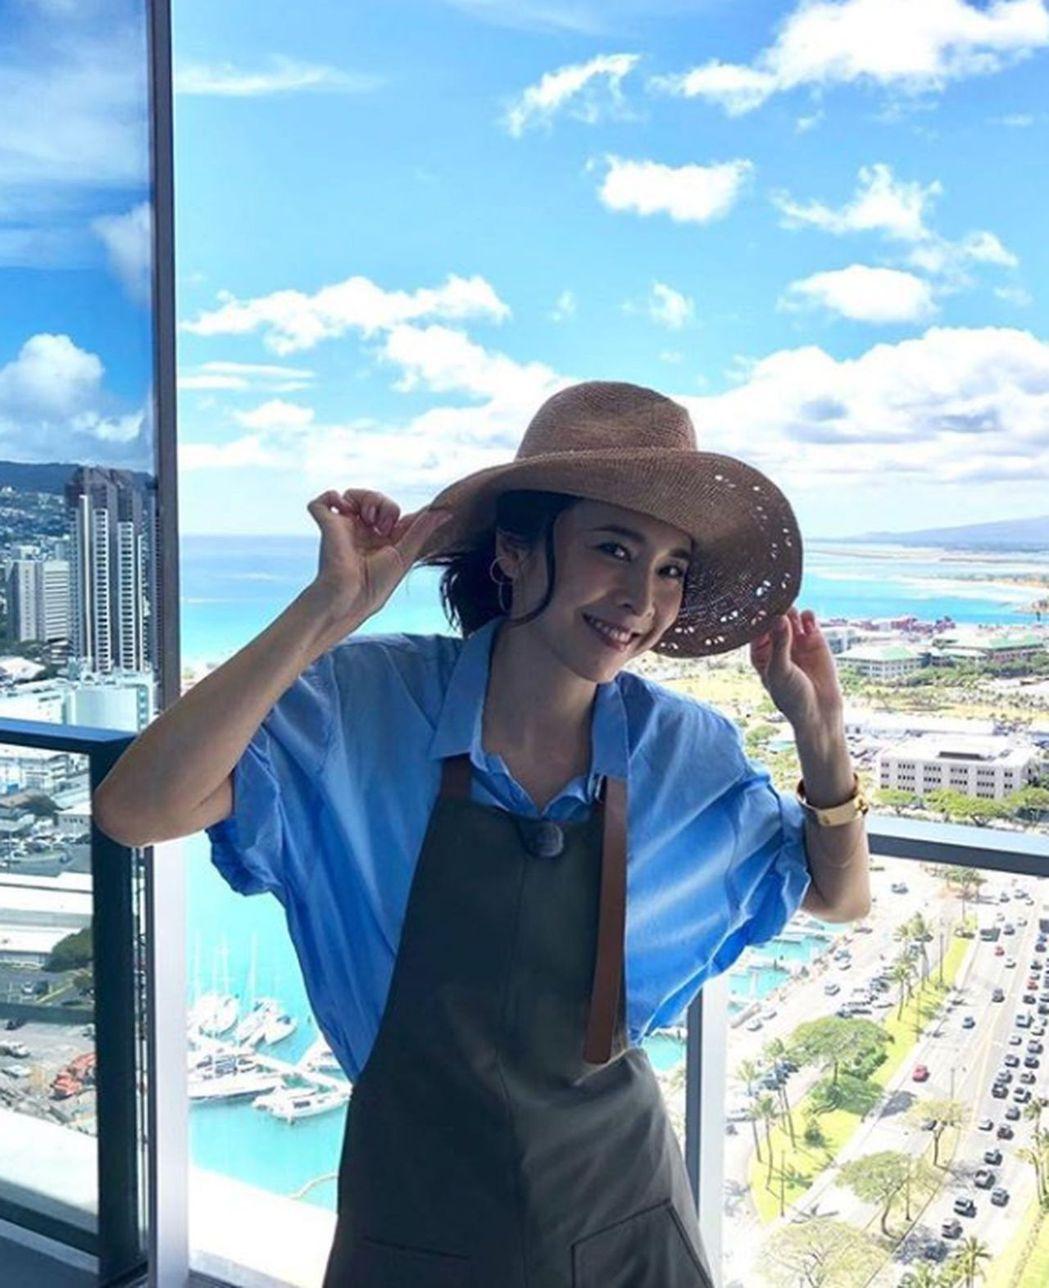 竹內結子過世震驚演藝圈。圖/擷自Instagram